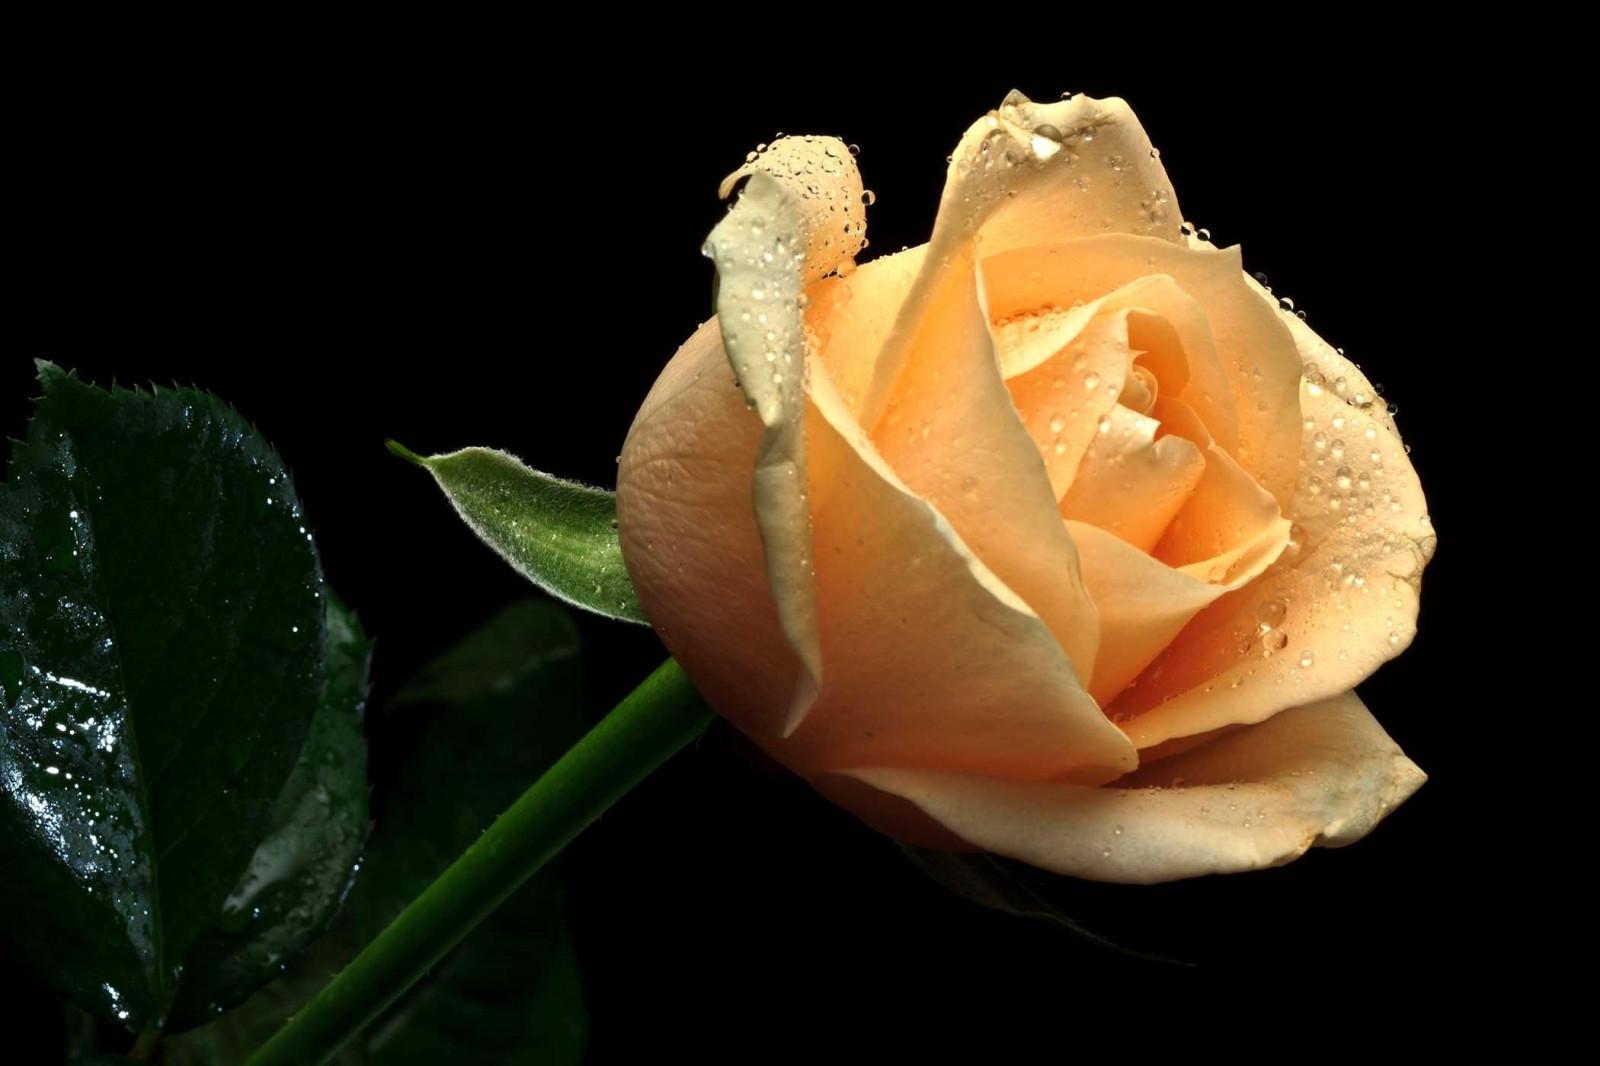 Сына, красивые картинки розы на черном фоне